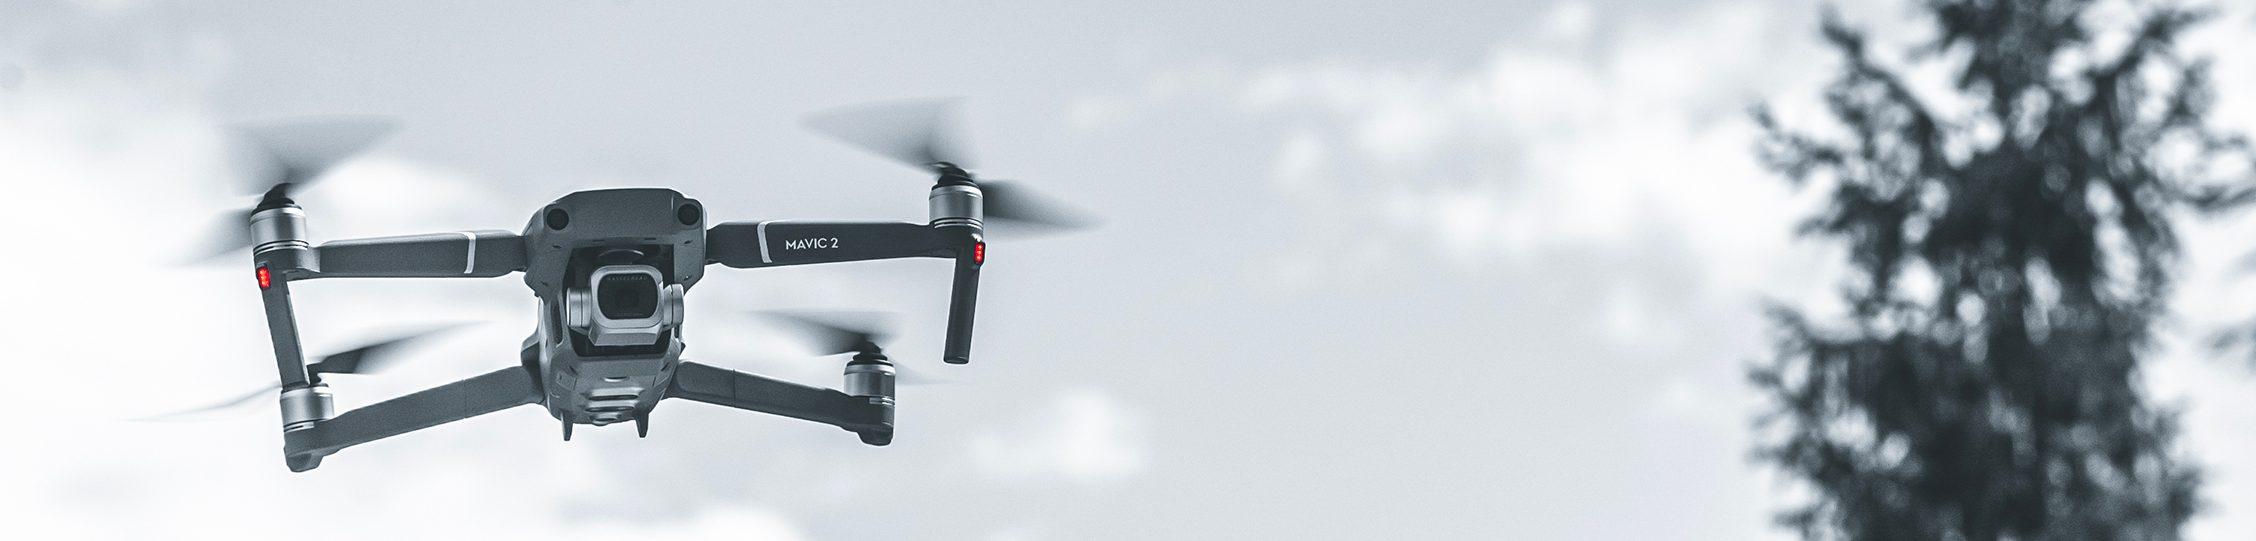 pilote-drone-agen